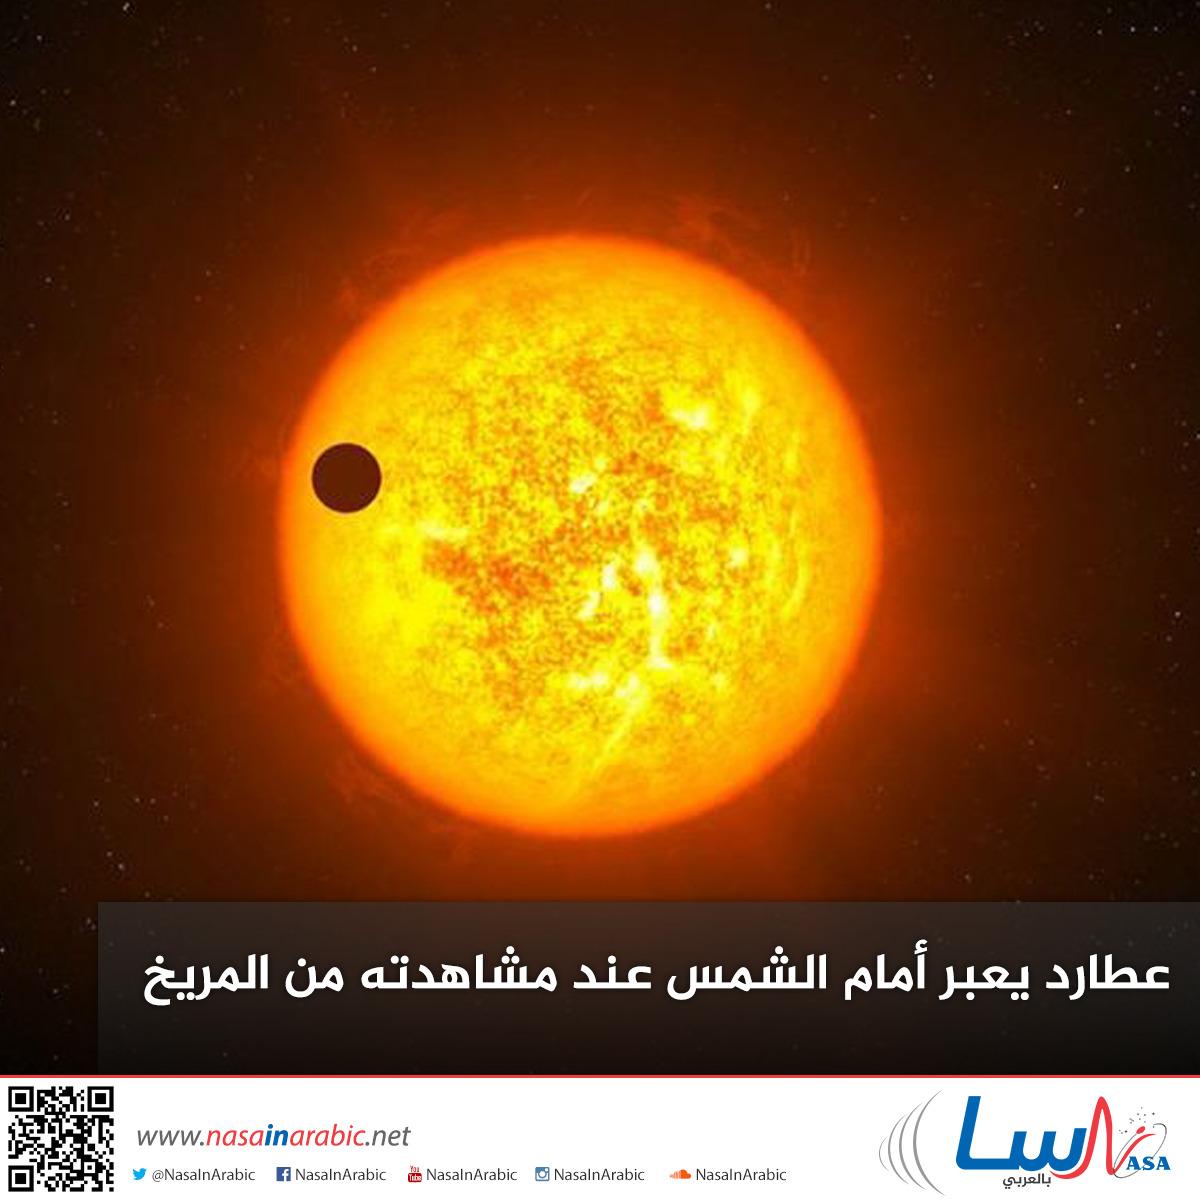 عطارد يعبر أمام الشمس عند مشاهدته من المريخ